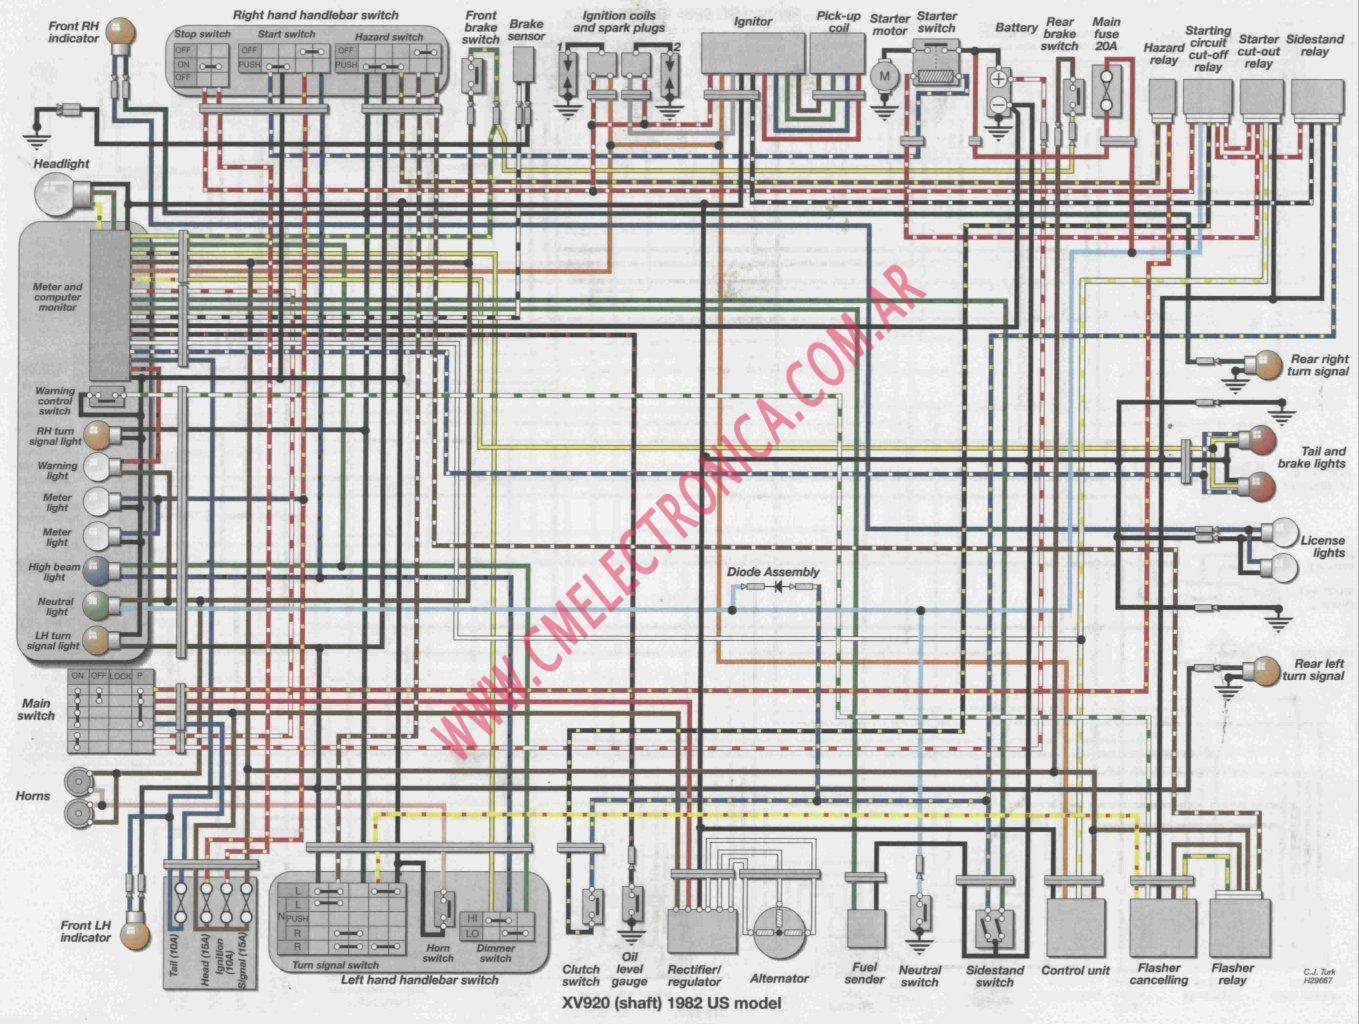 Wiring Diagram Yamaha Fz16 : Hp yamaha power trim wiring diagram get free image